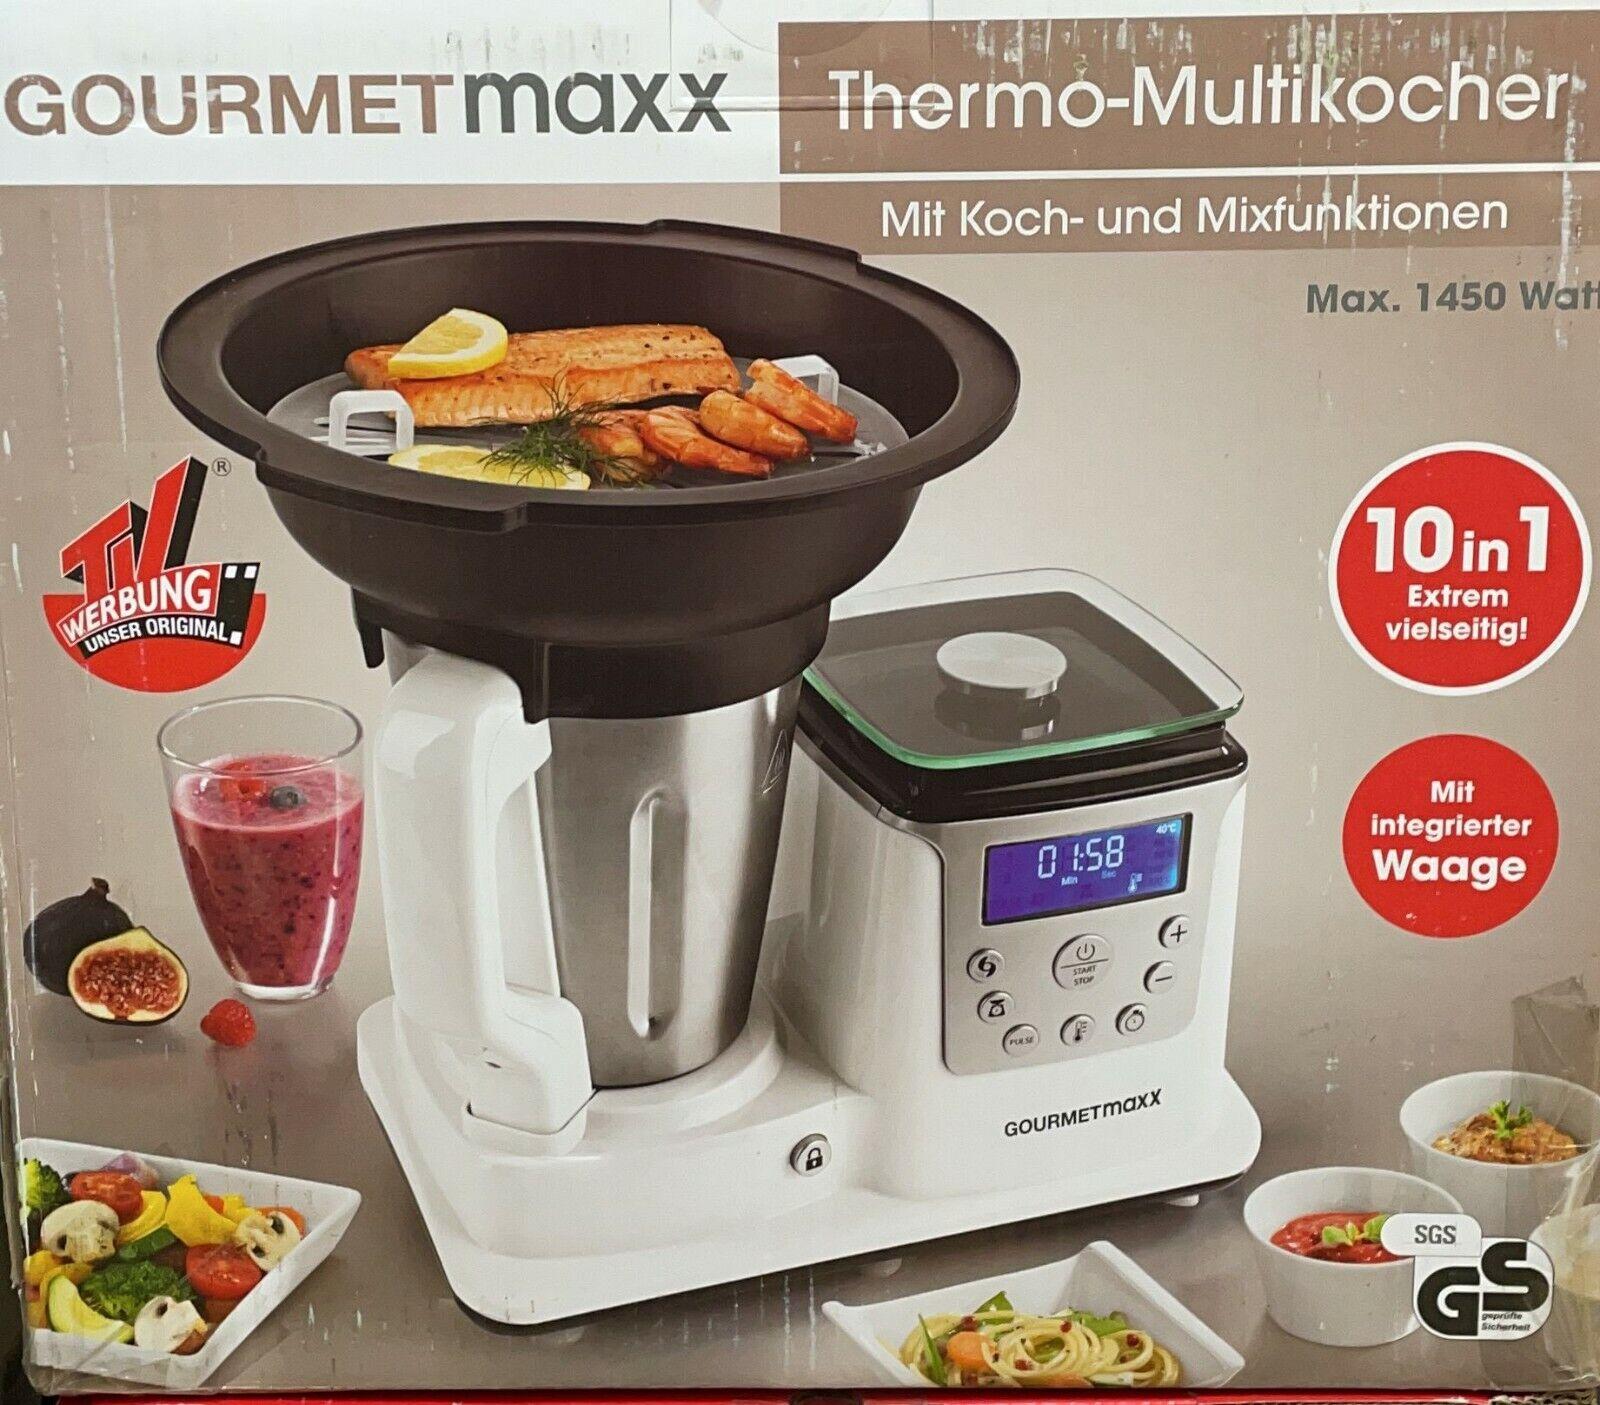 Thermo Multikocher Premium 1450W Kochen Mixen Küchenmaschine 10 in1